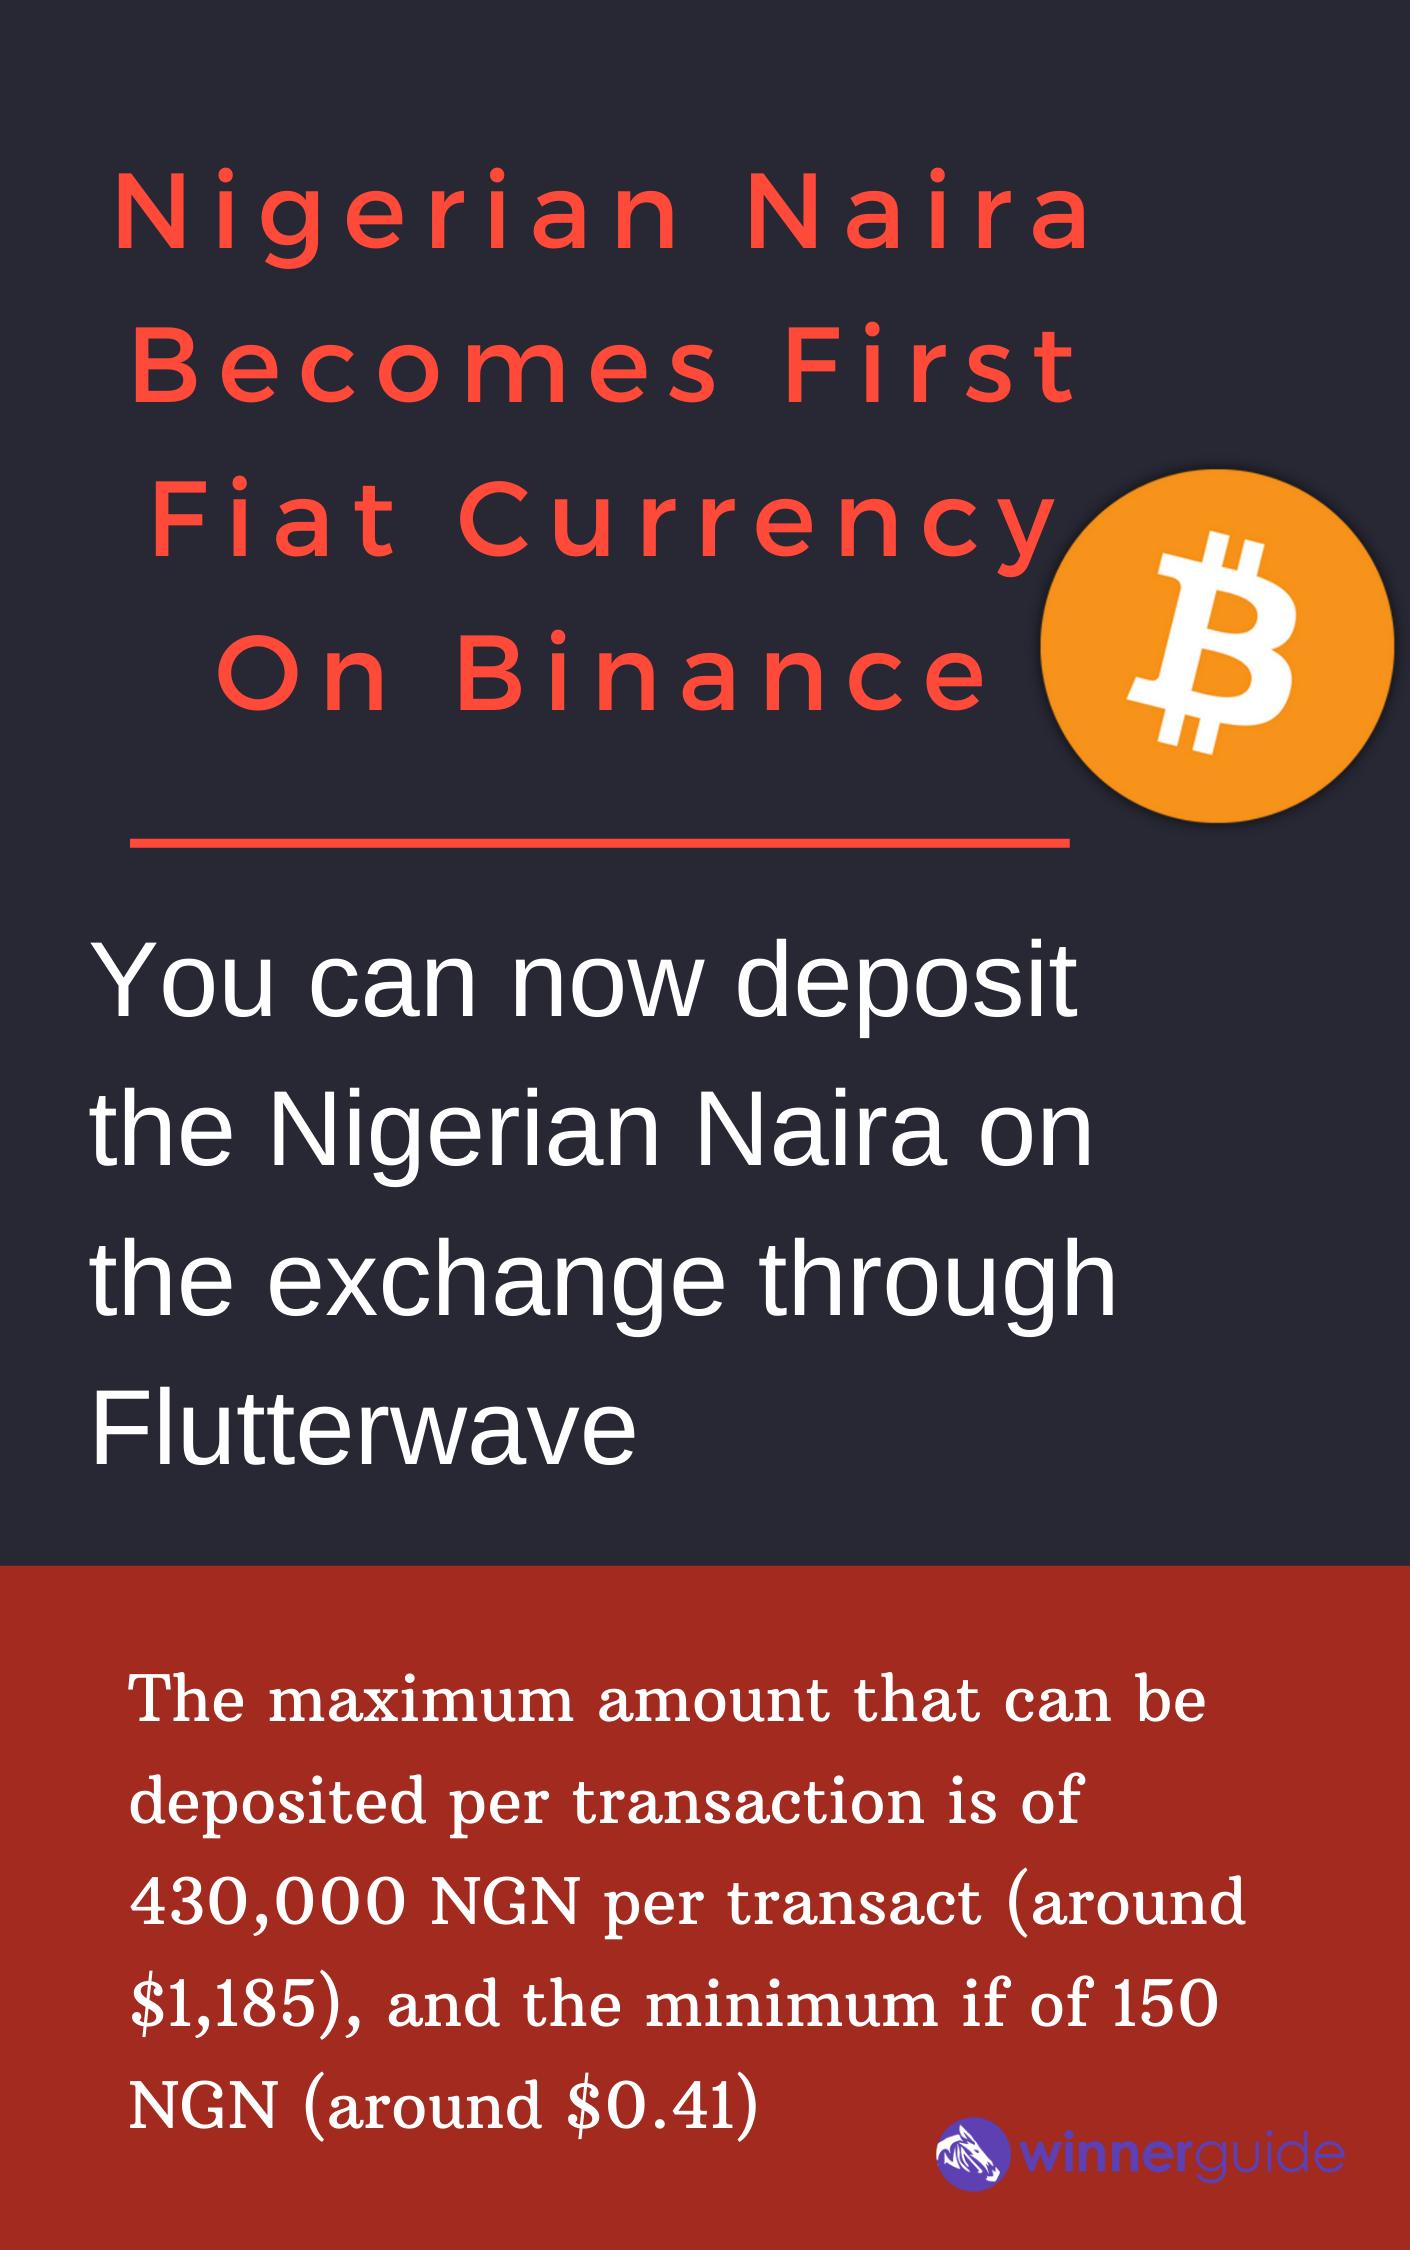 Nigeria Naira Binance Paxful Buy Bitcoin Bitcoin Local Bitcoin